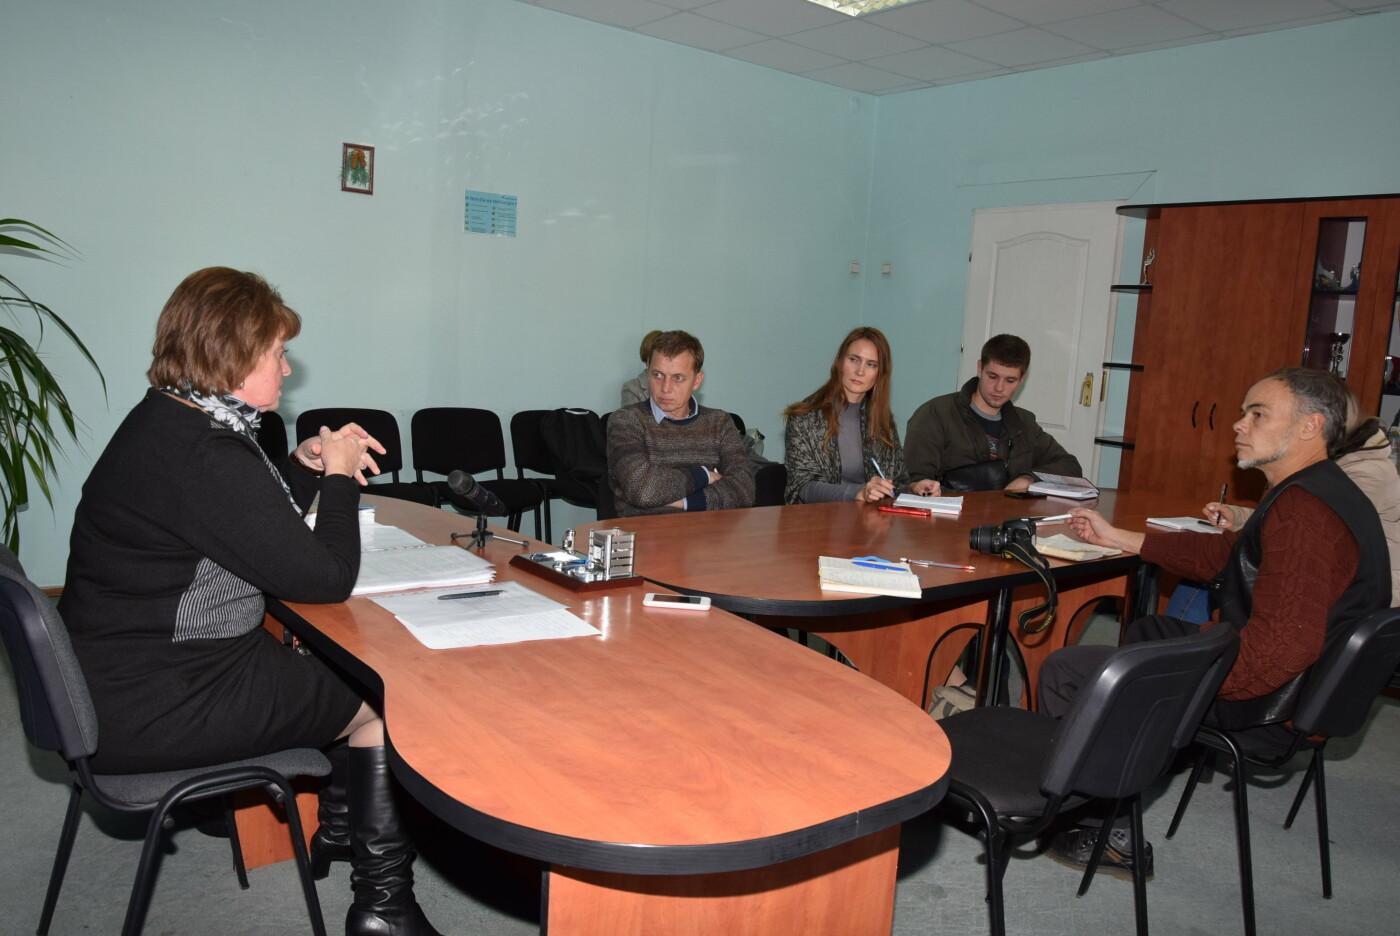 Достижения и приоритеты: Татьяна Онищенко рассказала об образовании в Каменском, фото-2